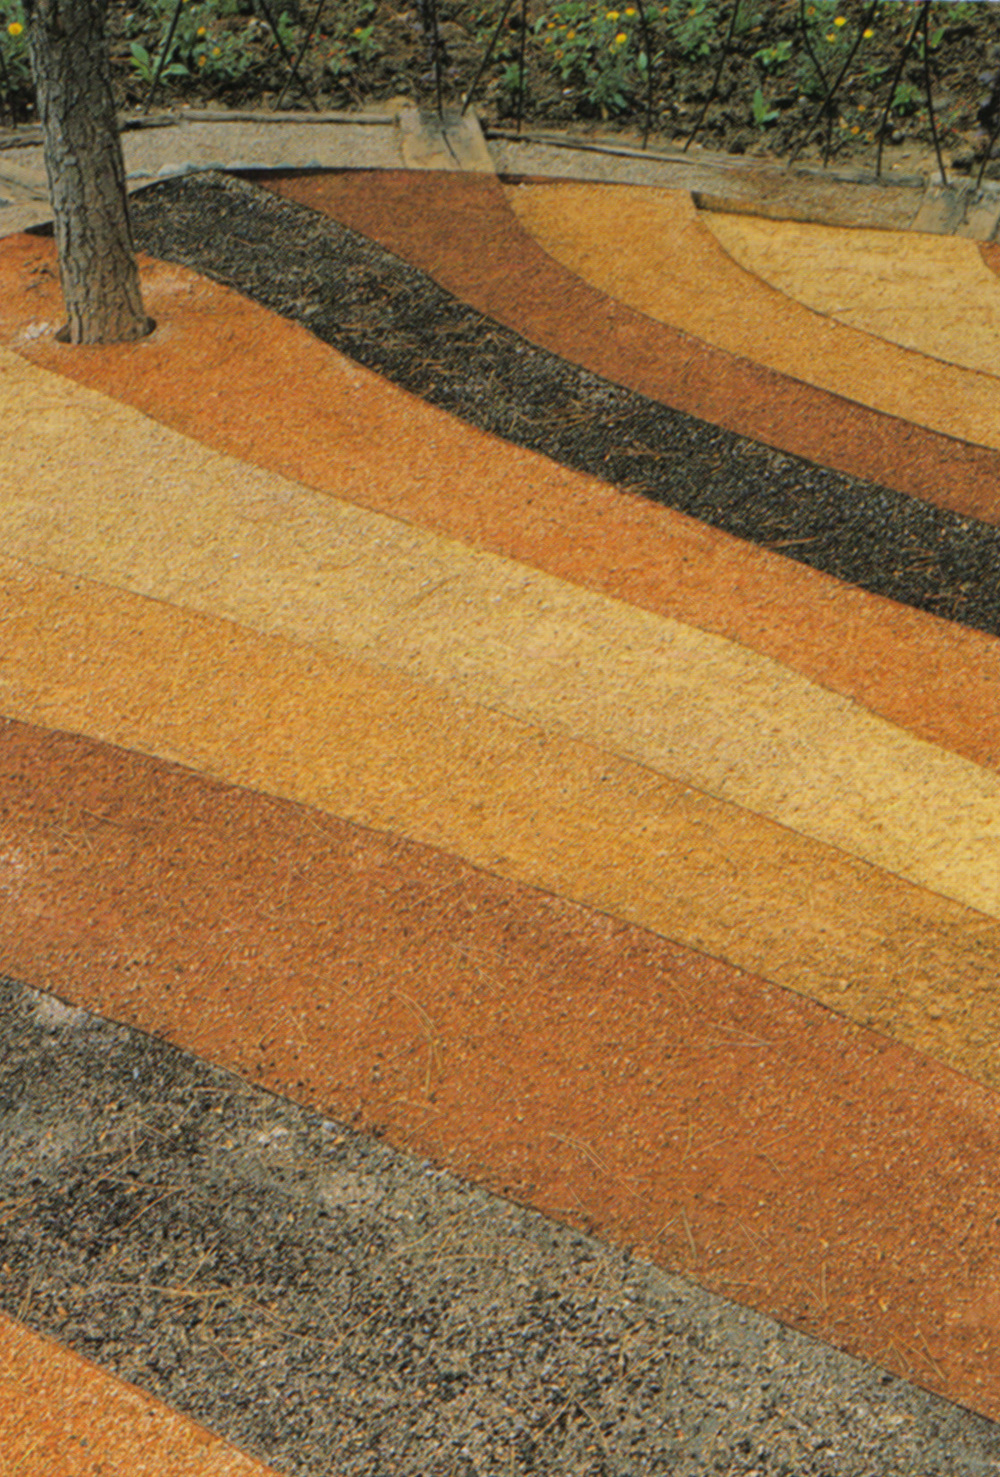 aridos colores.jpg